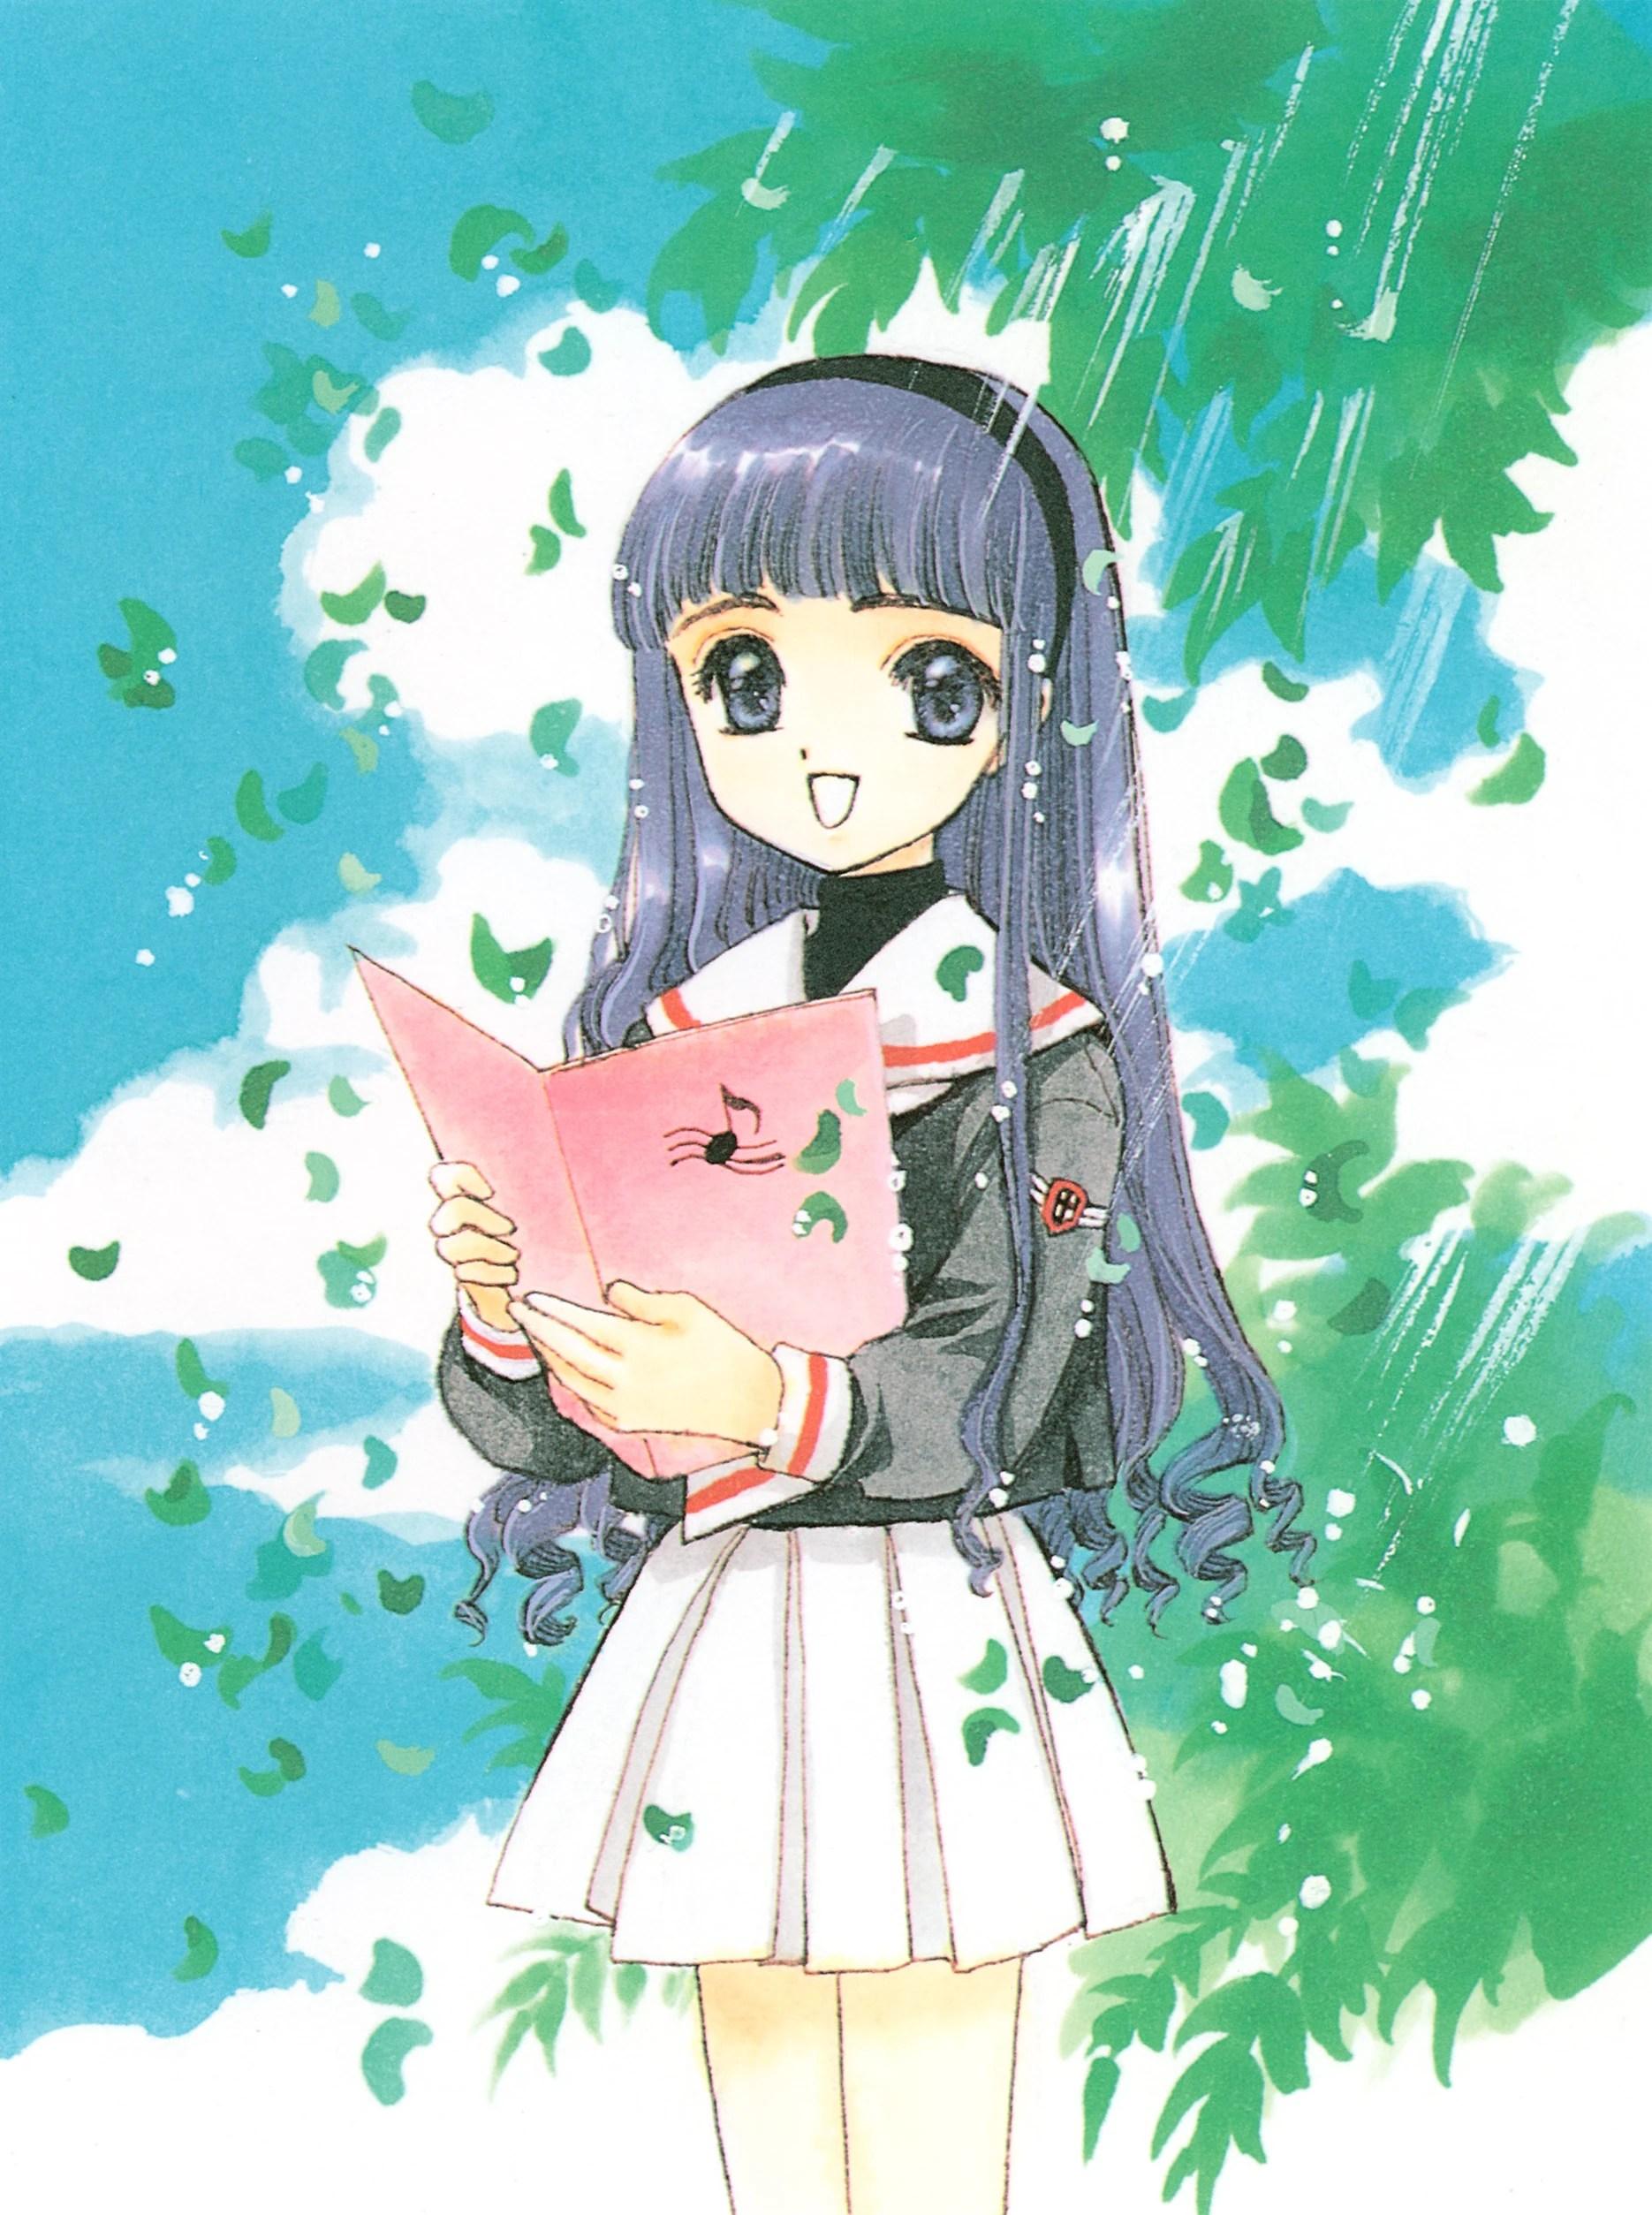 Tomoyo Daidouji Cardcaptor Sakura Wiki FANDOM Powered